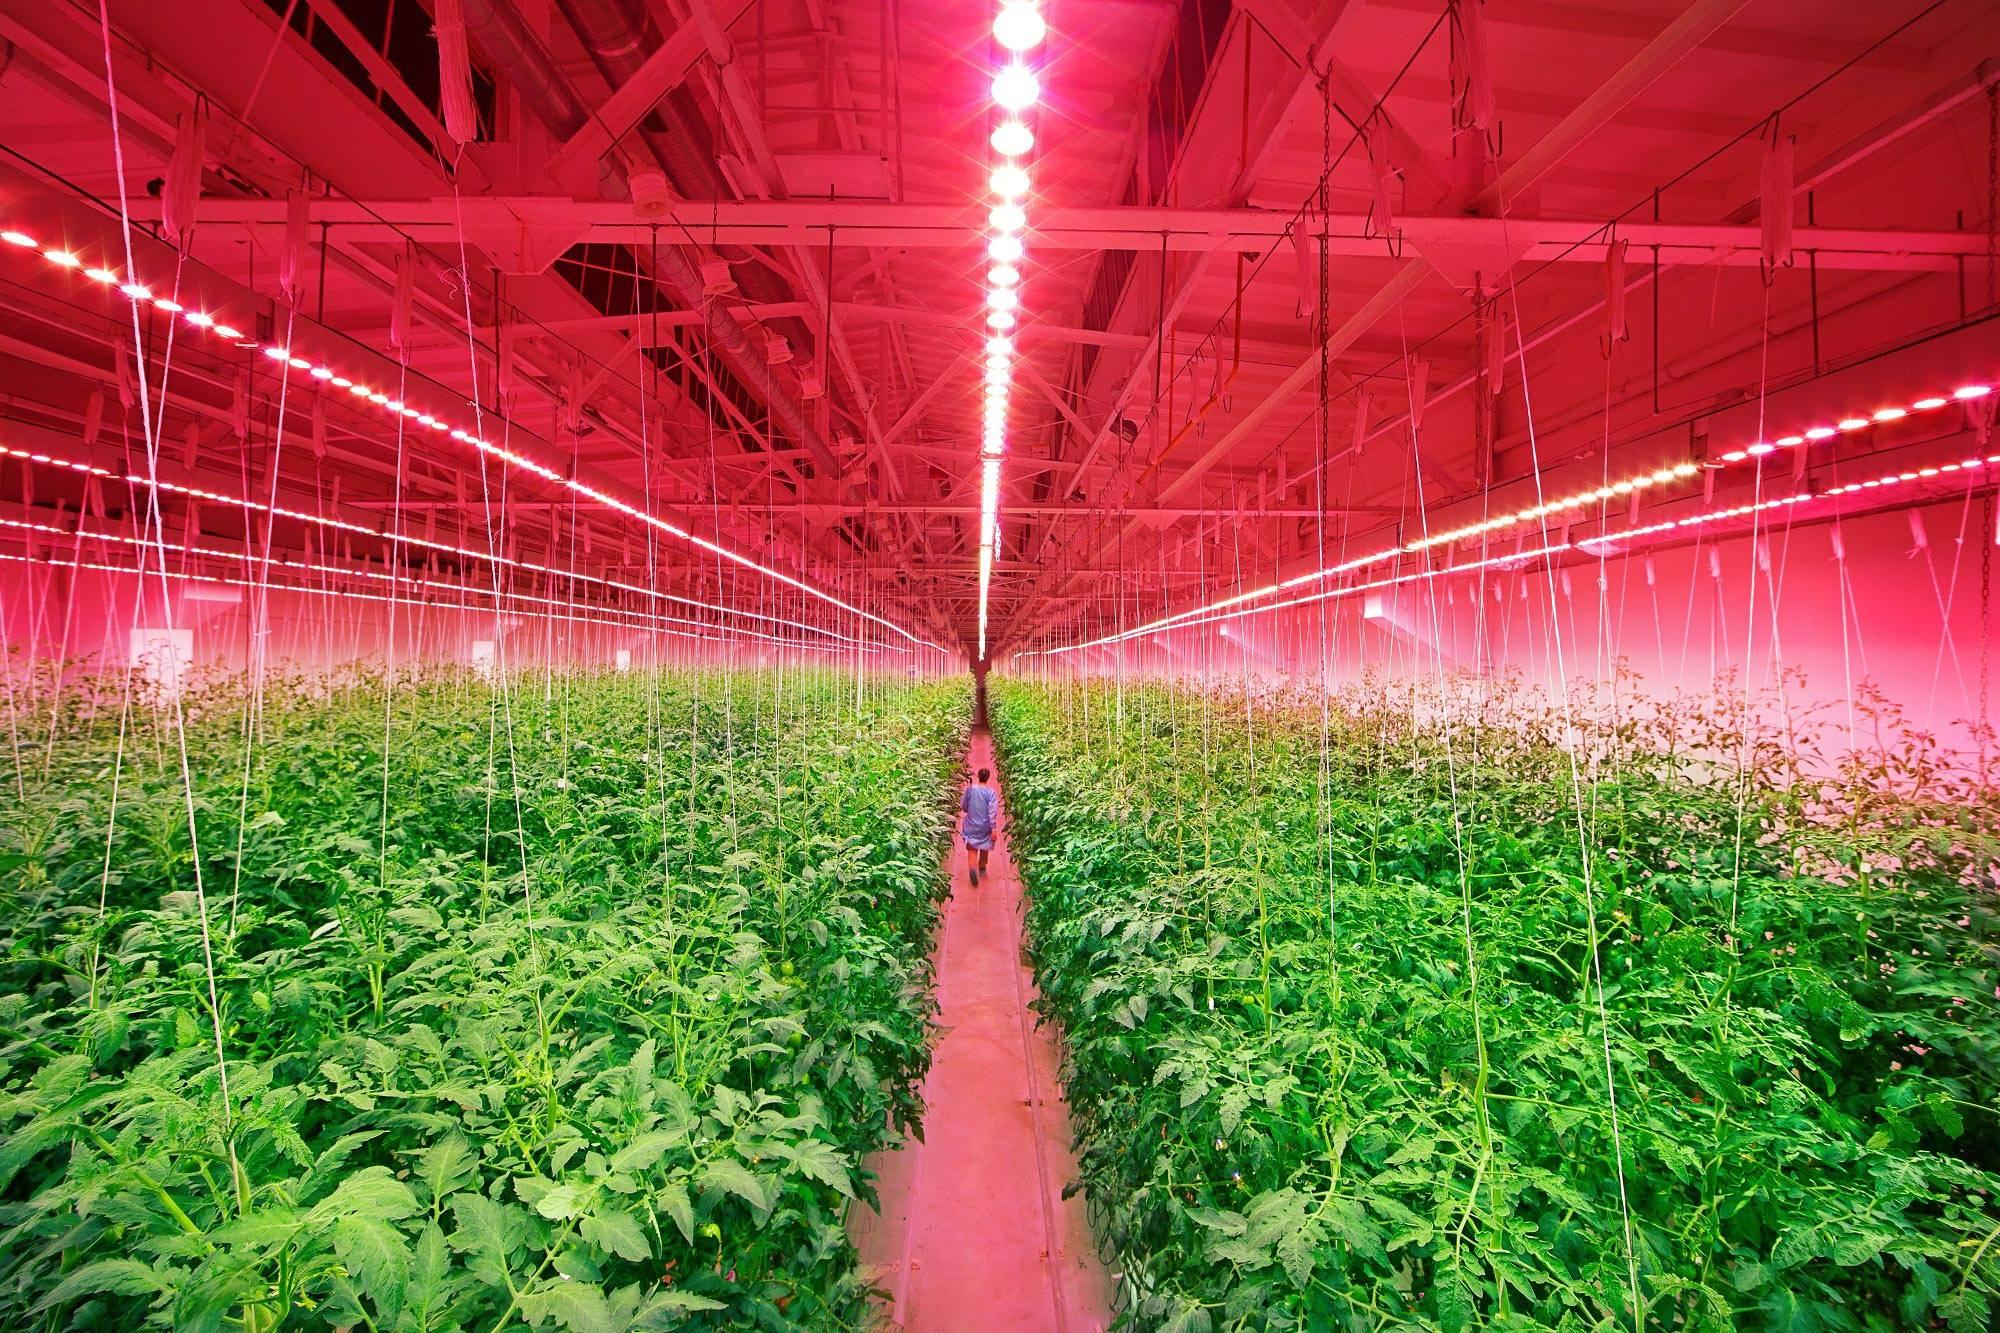 Выбираем правильное освещение для выращивания огурцов, помидоров и салата в теплице